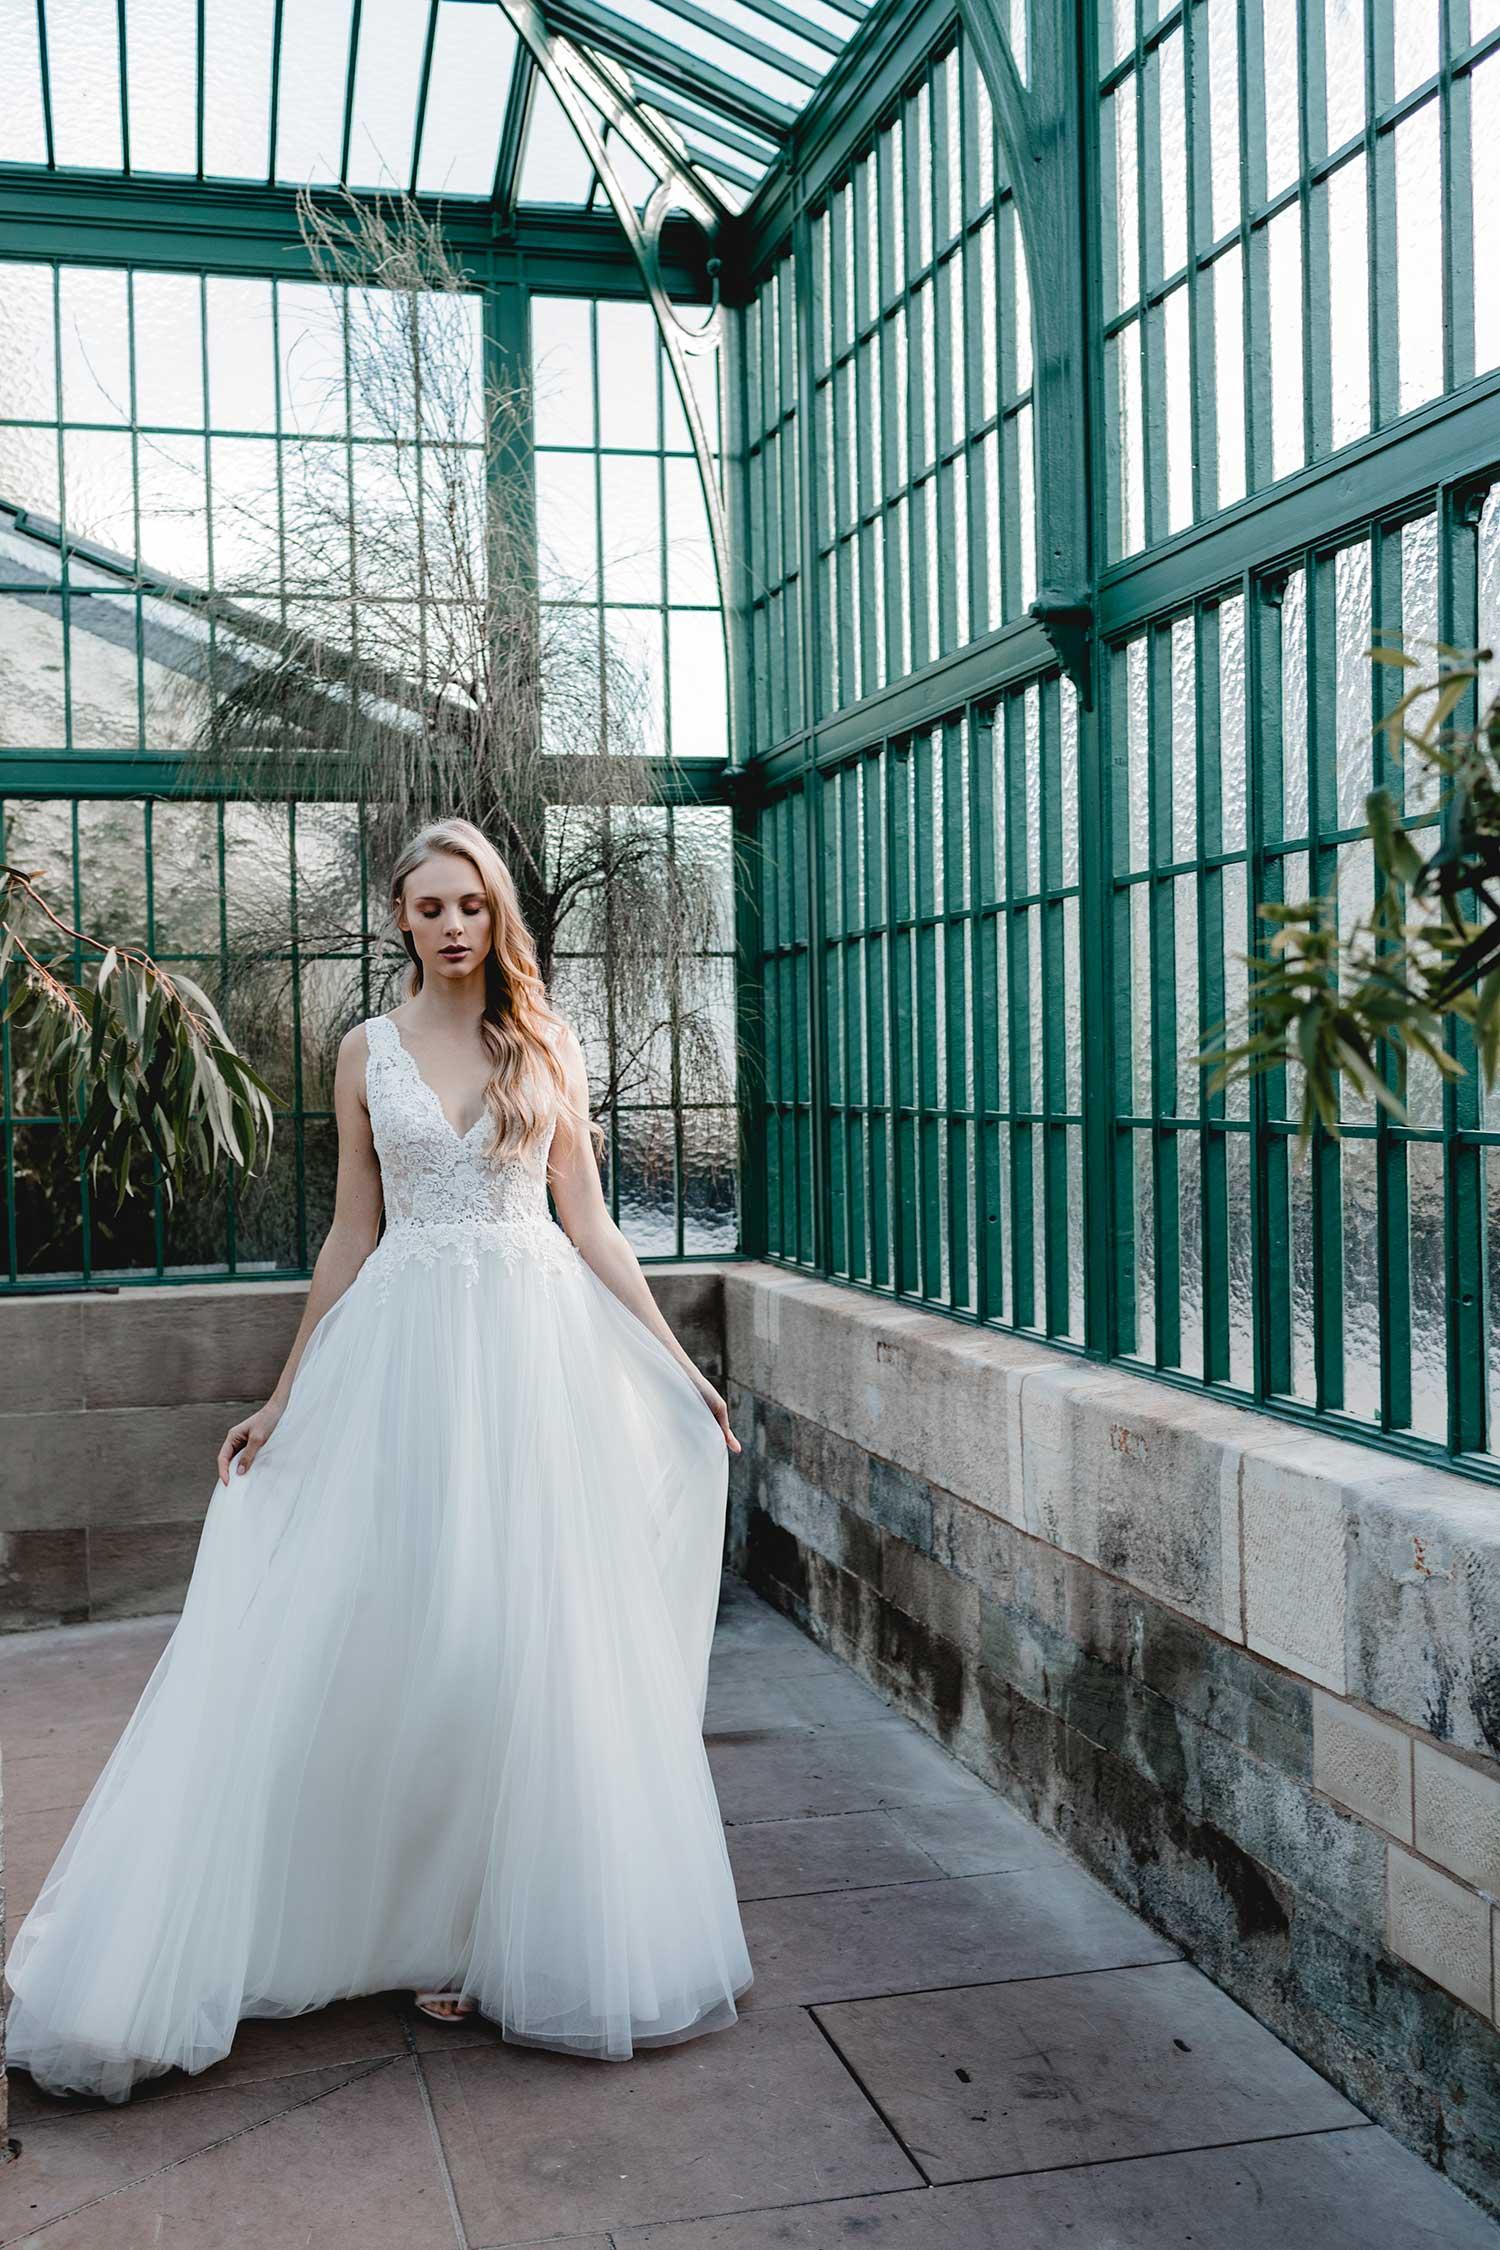 Bridal editorial inspiration in Palmengarten